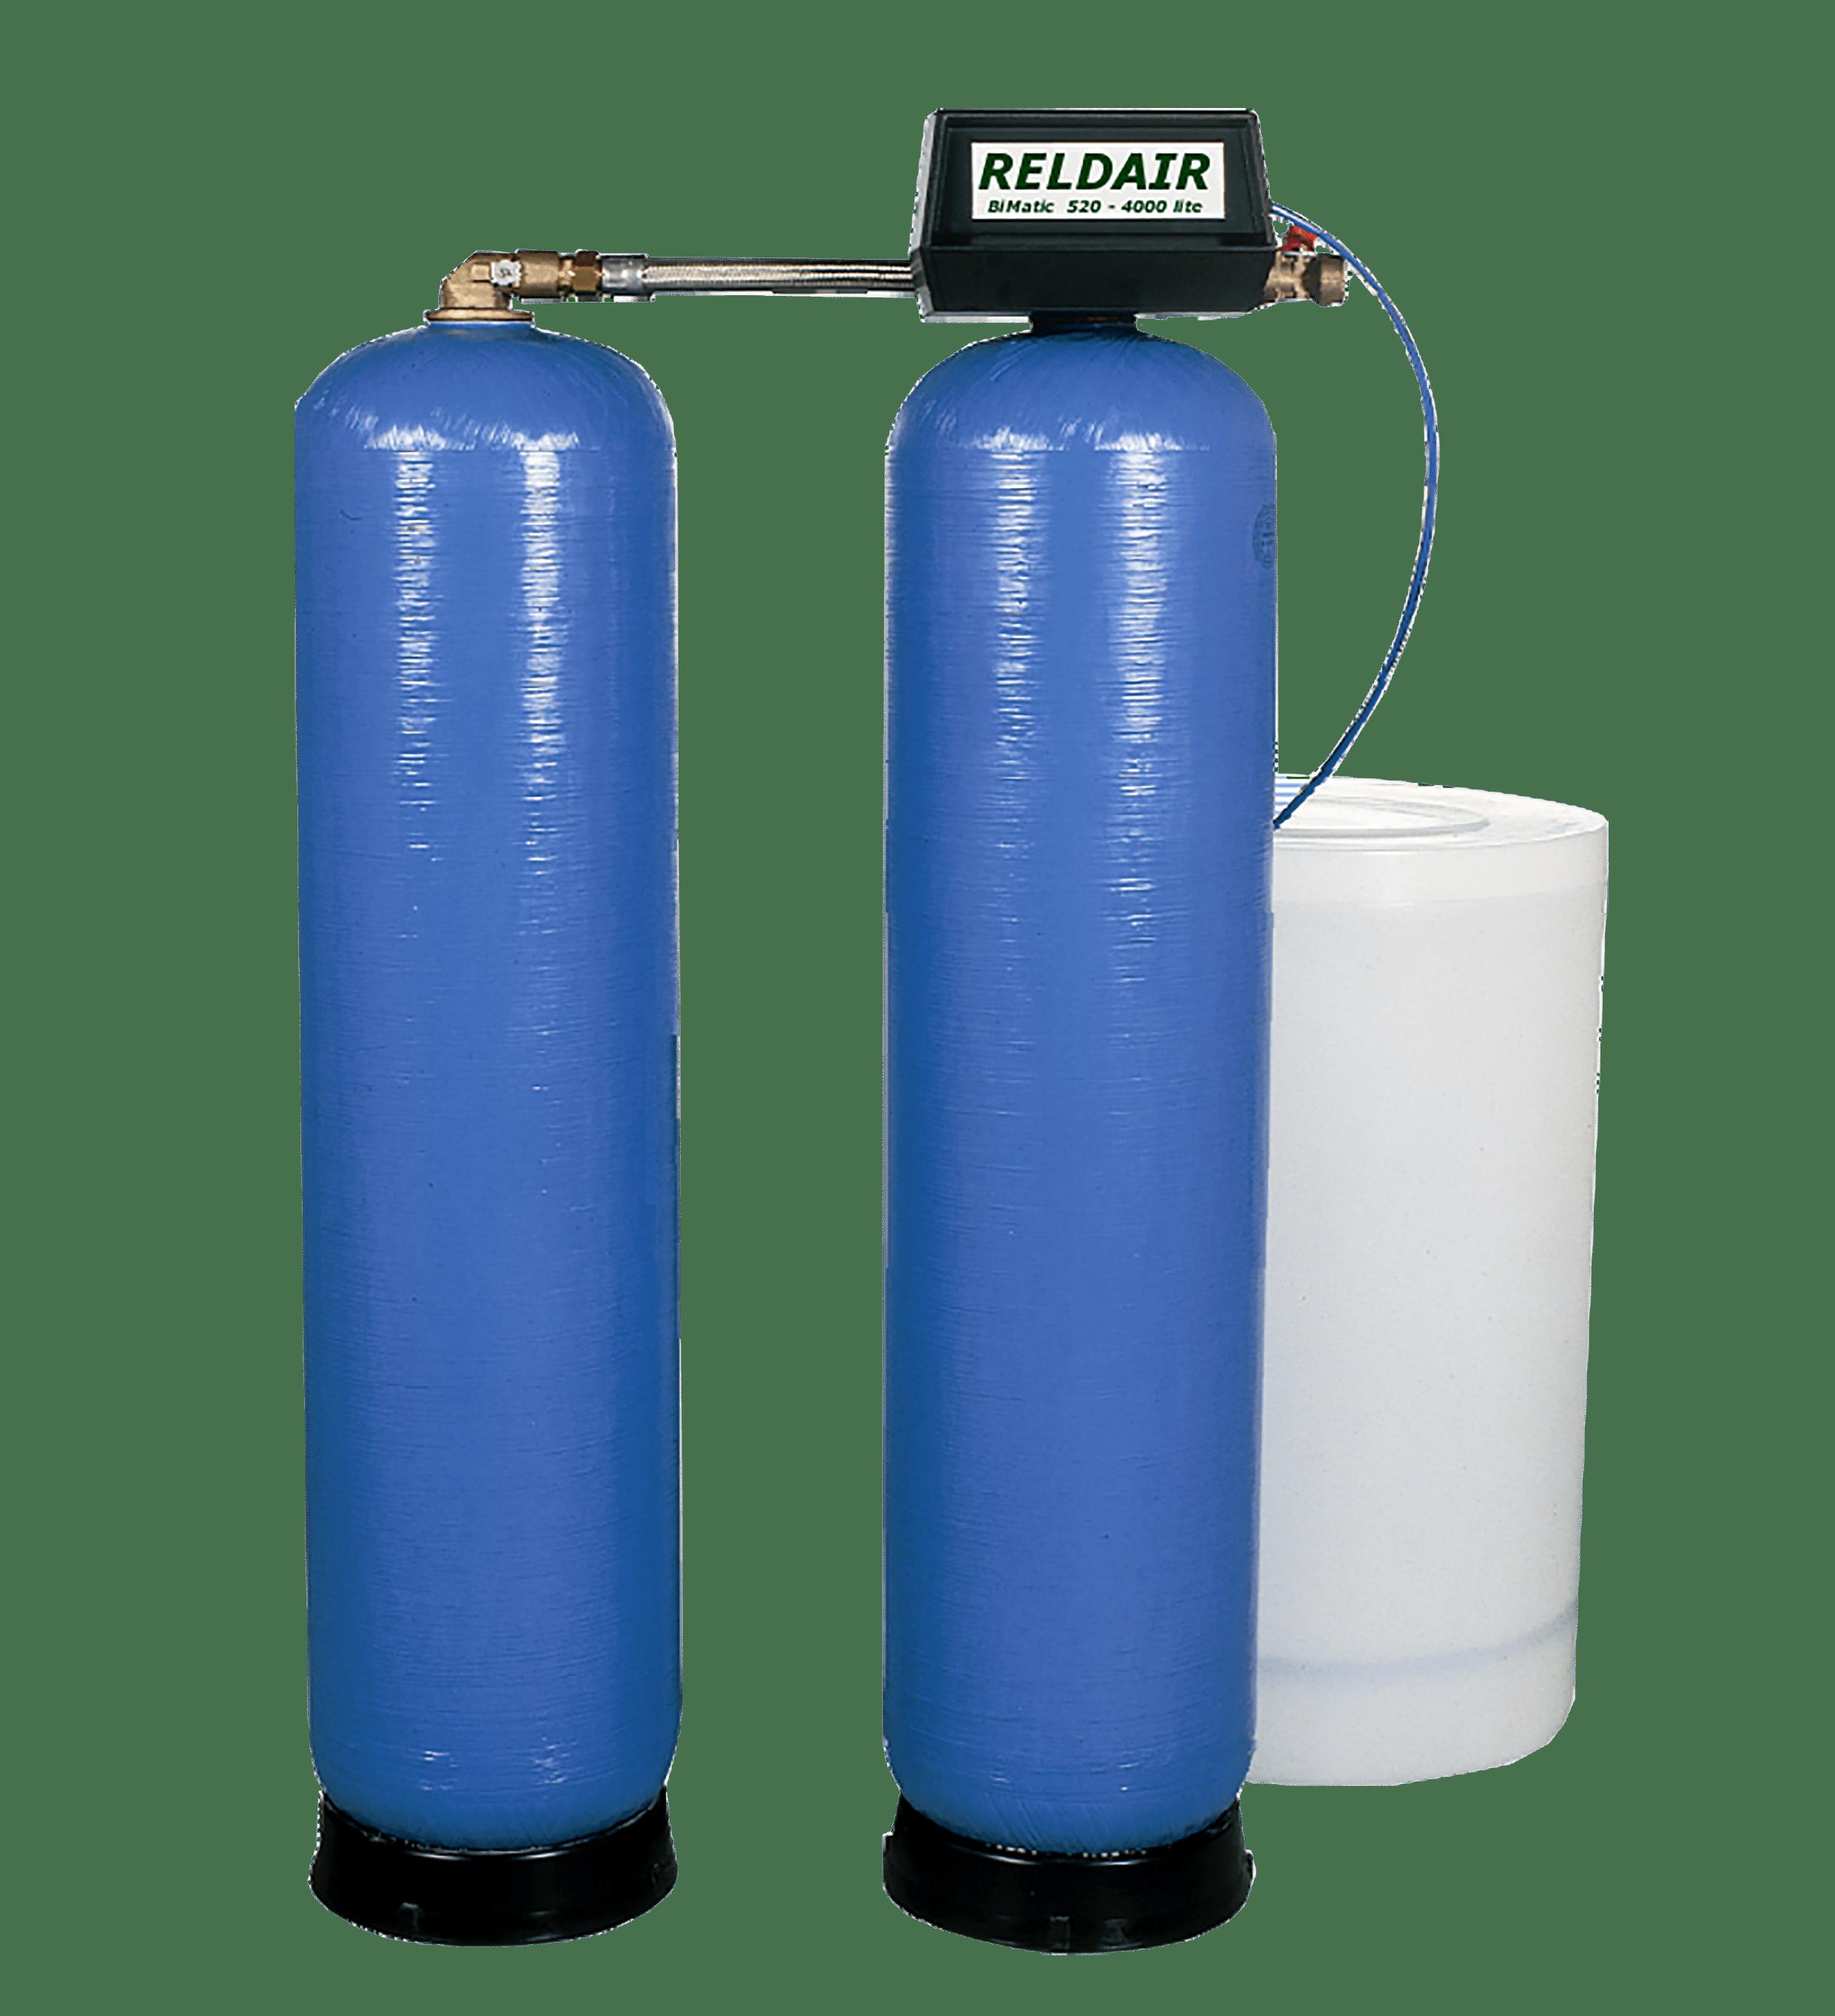 Reldair levert waterontharders, filtratie en alles benodigd voor legionellabestrijding om de waterkwaliteit op peil te houden. Hier lees je er meer over